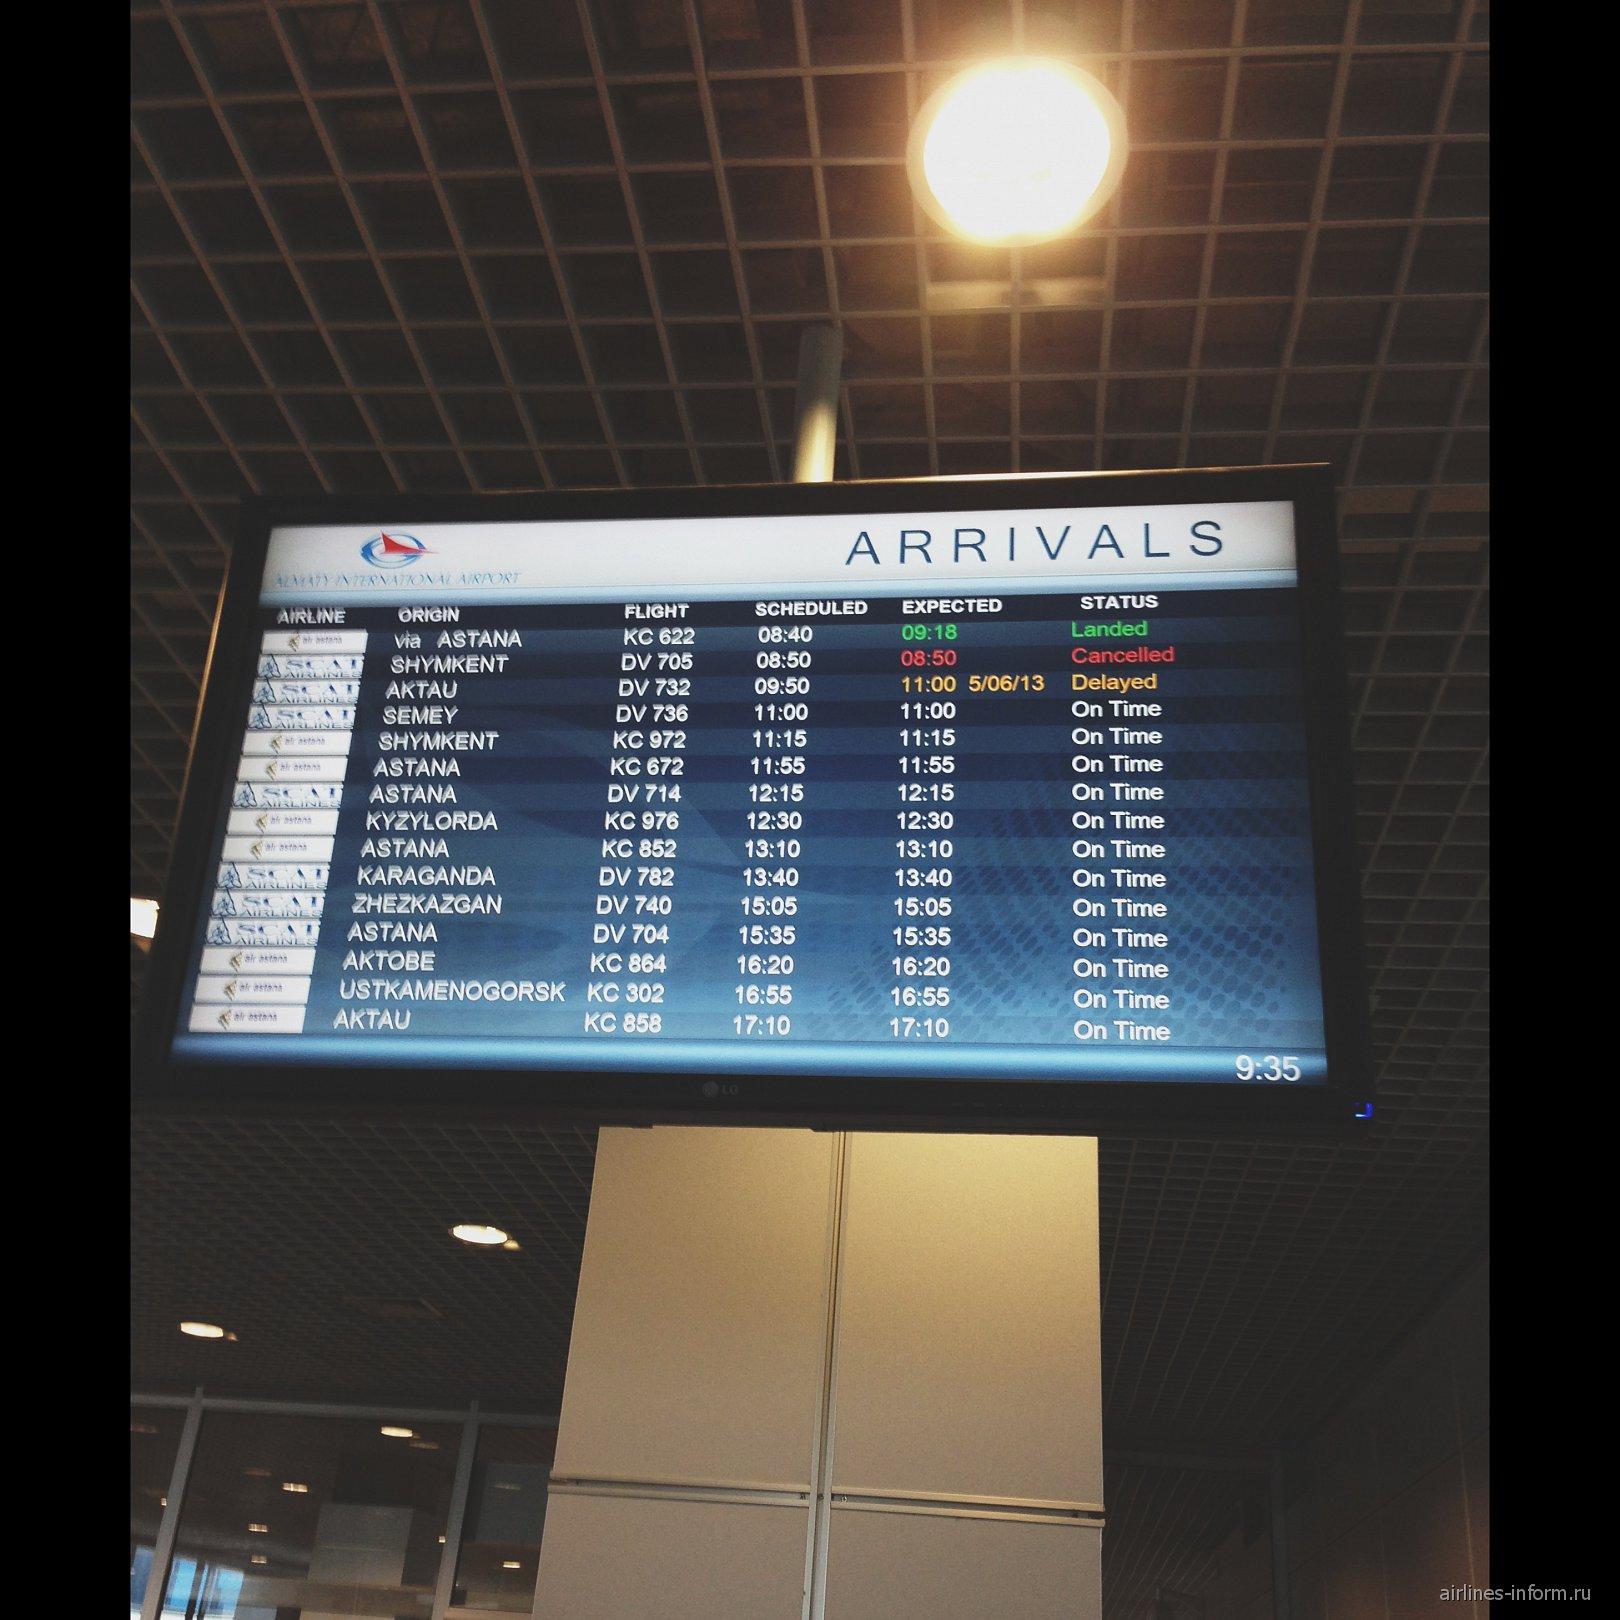 Табло рейсов в аэропорту Алматы